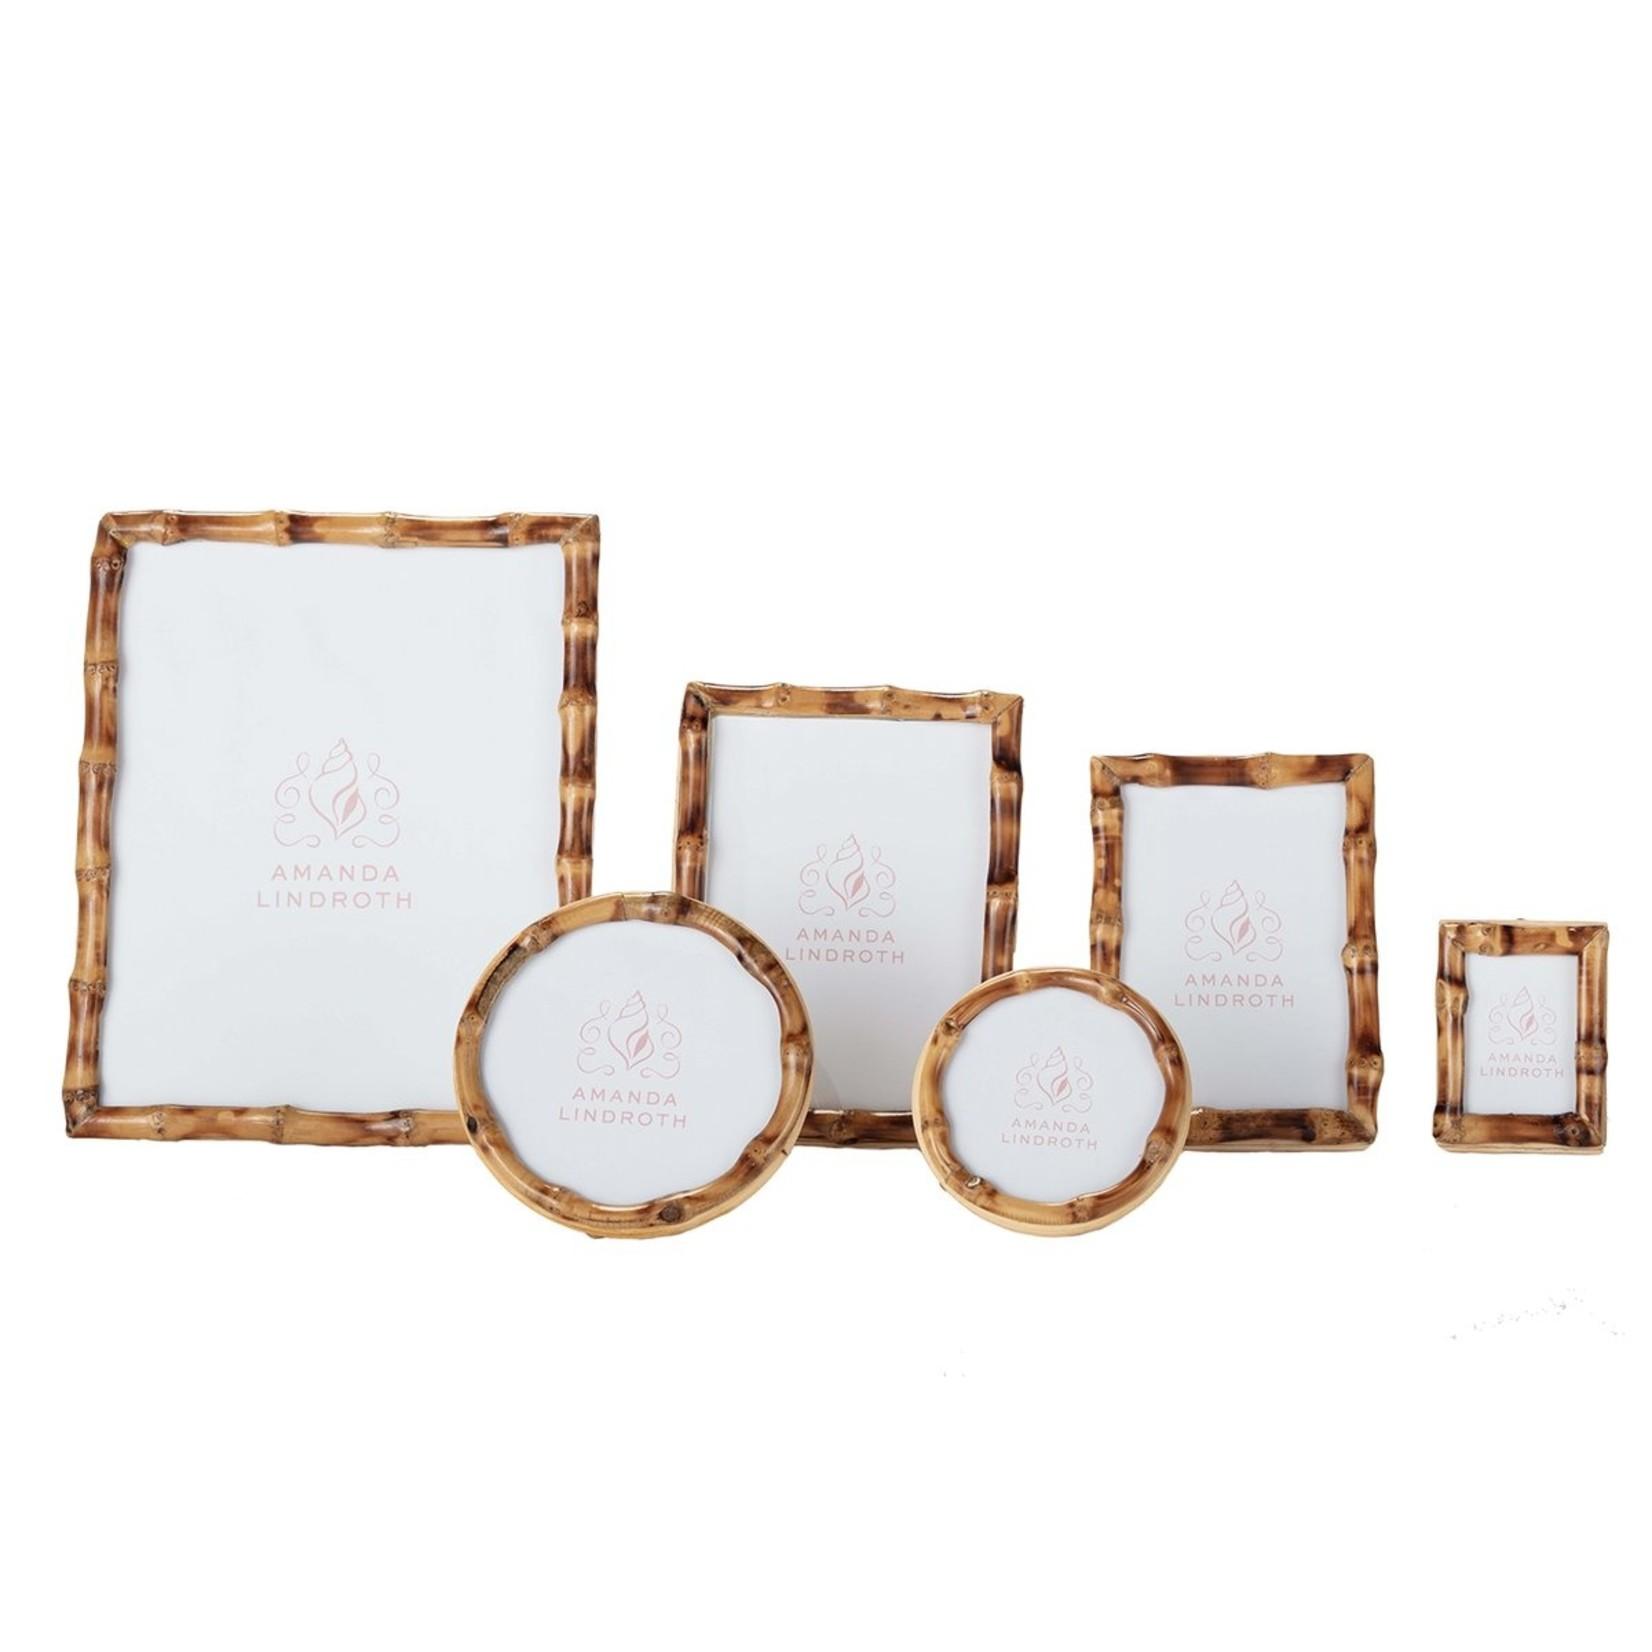 Amanda Lindroth Short Knot Bamboo Frame